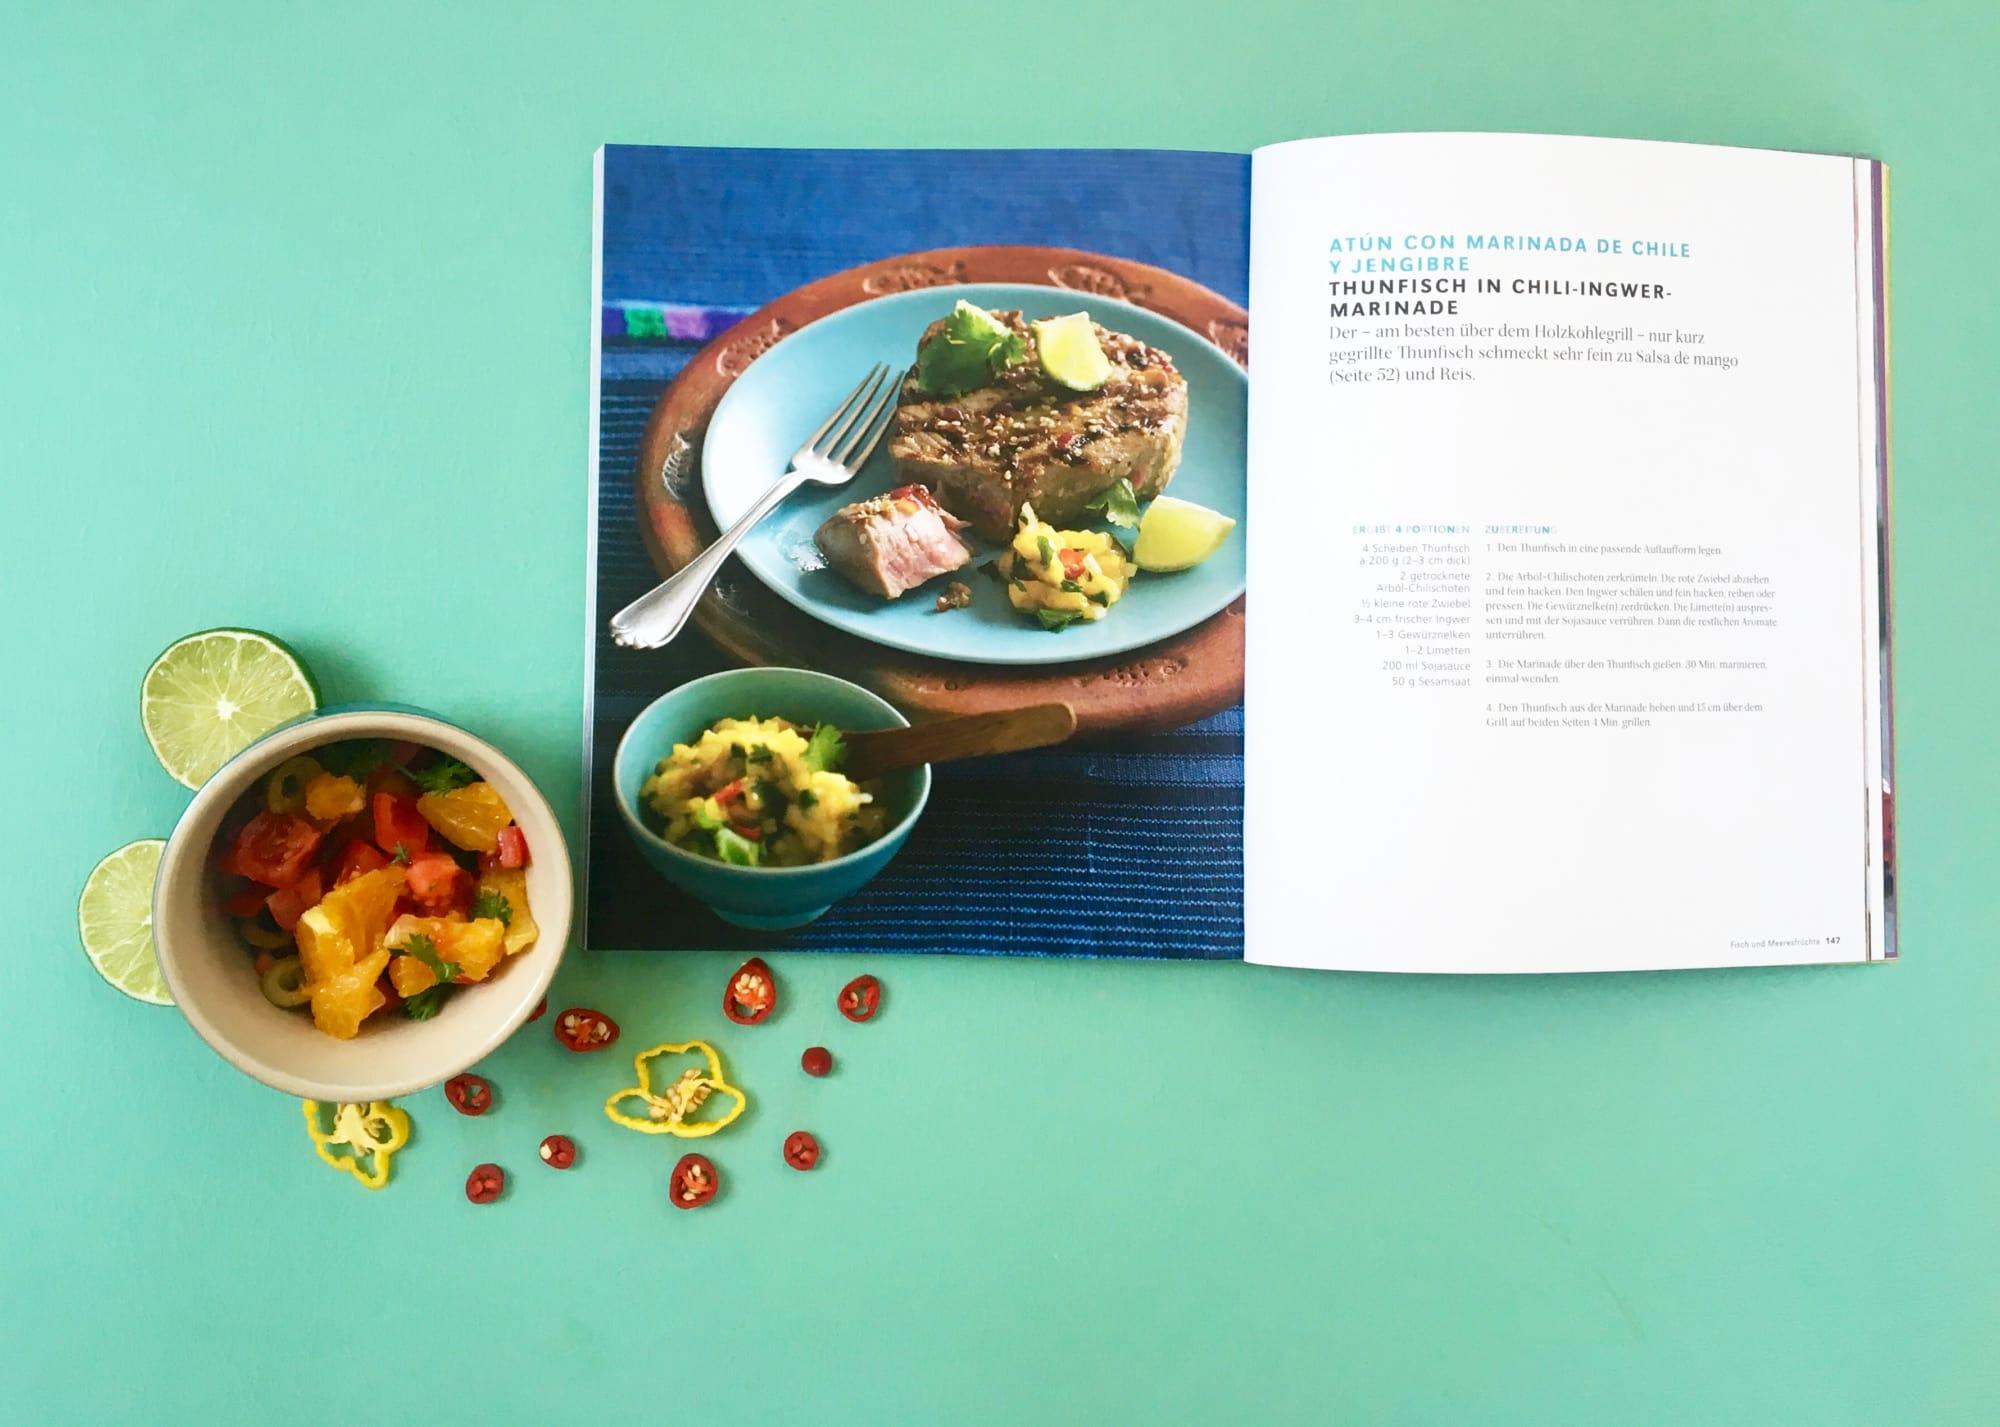 Mexikanische Küche: Unsere Kochbuch-Favoriten - reisen EXCLUSIV